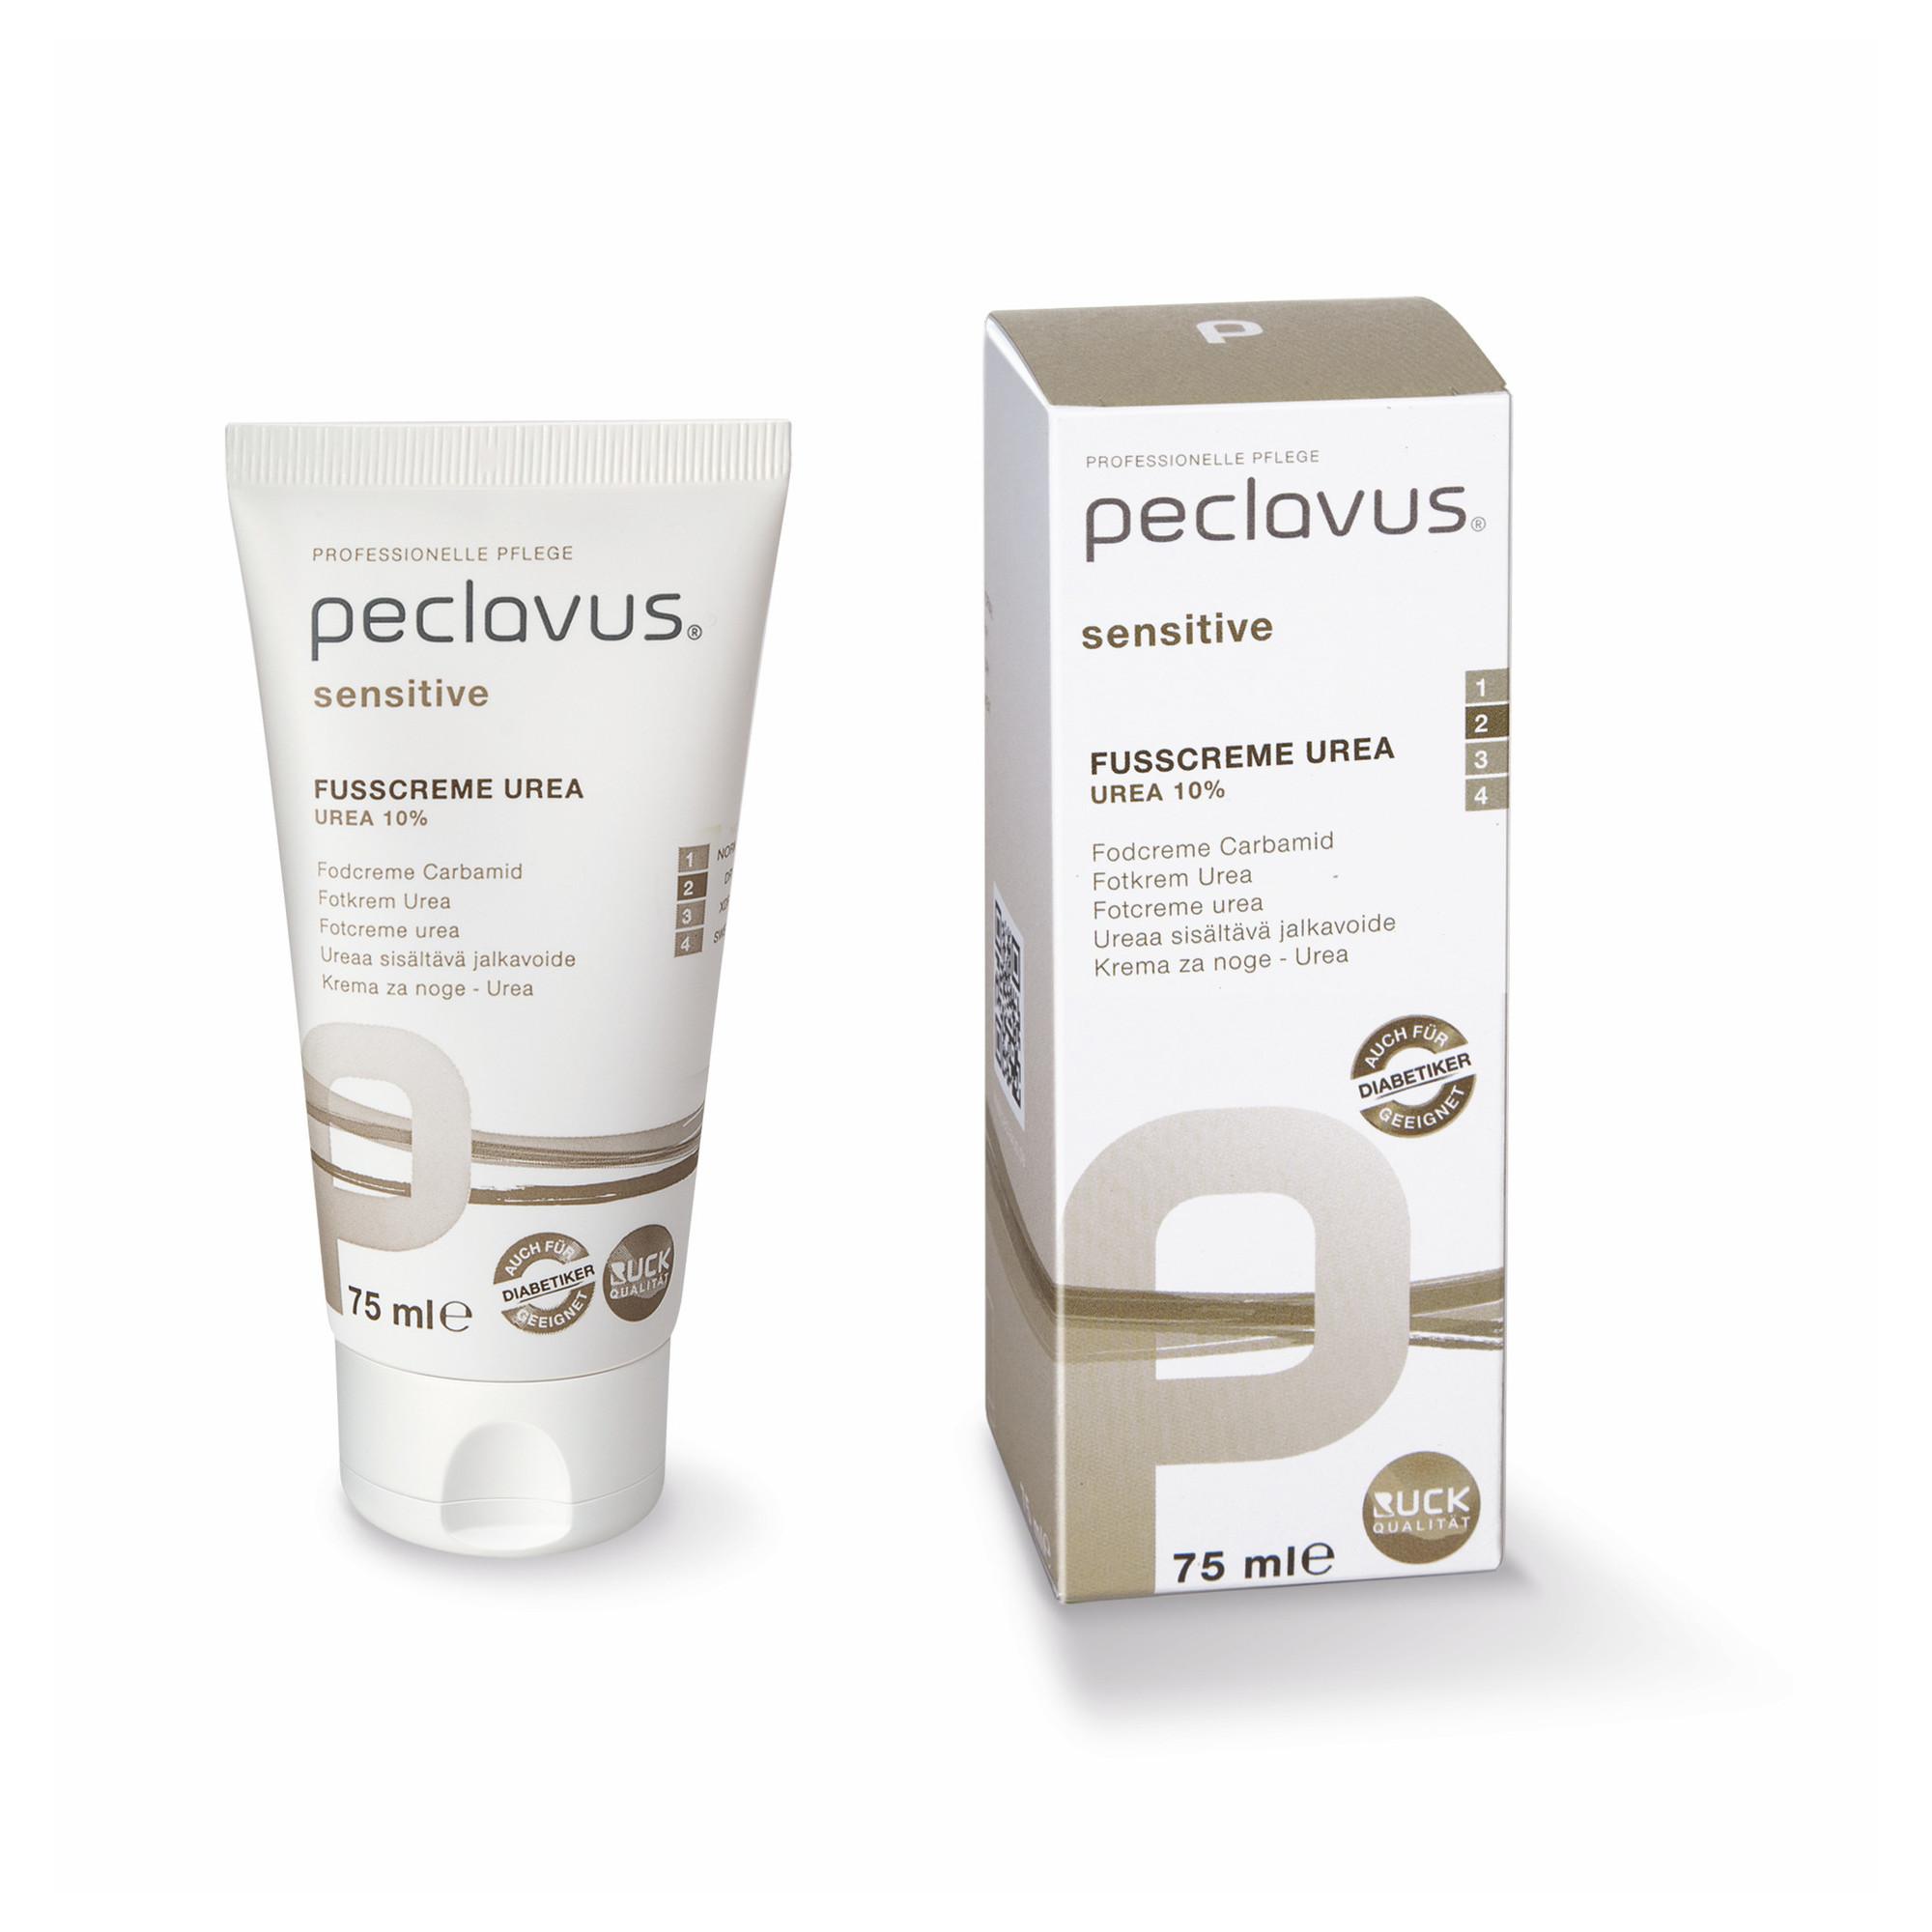 Crème UREA - Peclavus